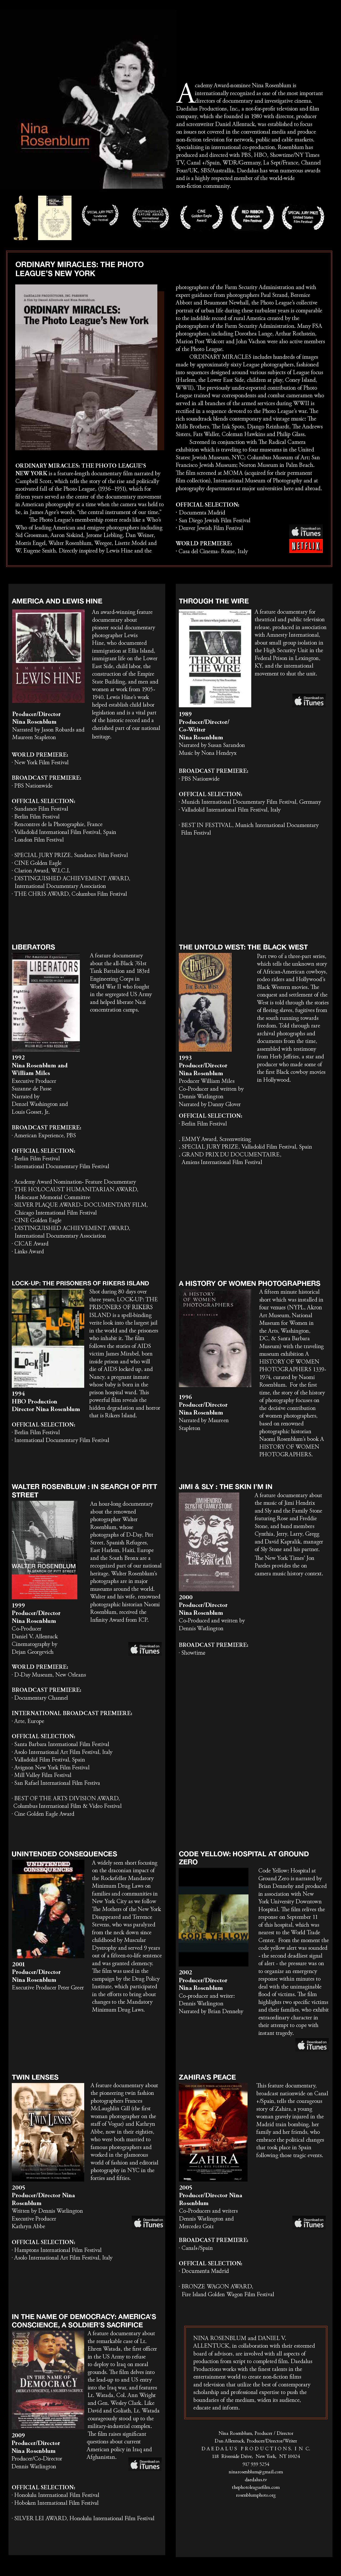 NINA BROCHURE 2-28-2013.jpg